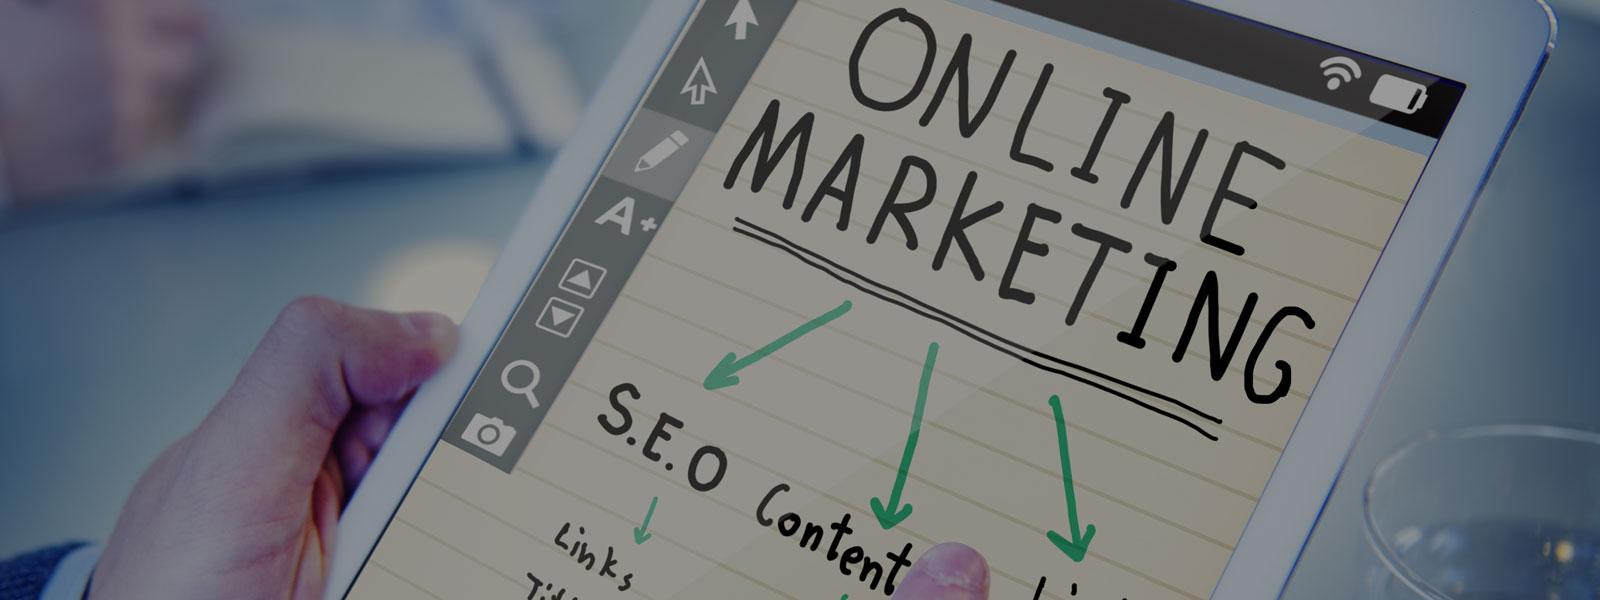 Estrategias de marketing digital que debes considerar